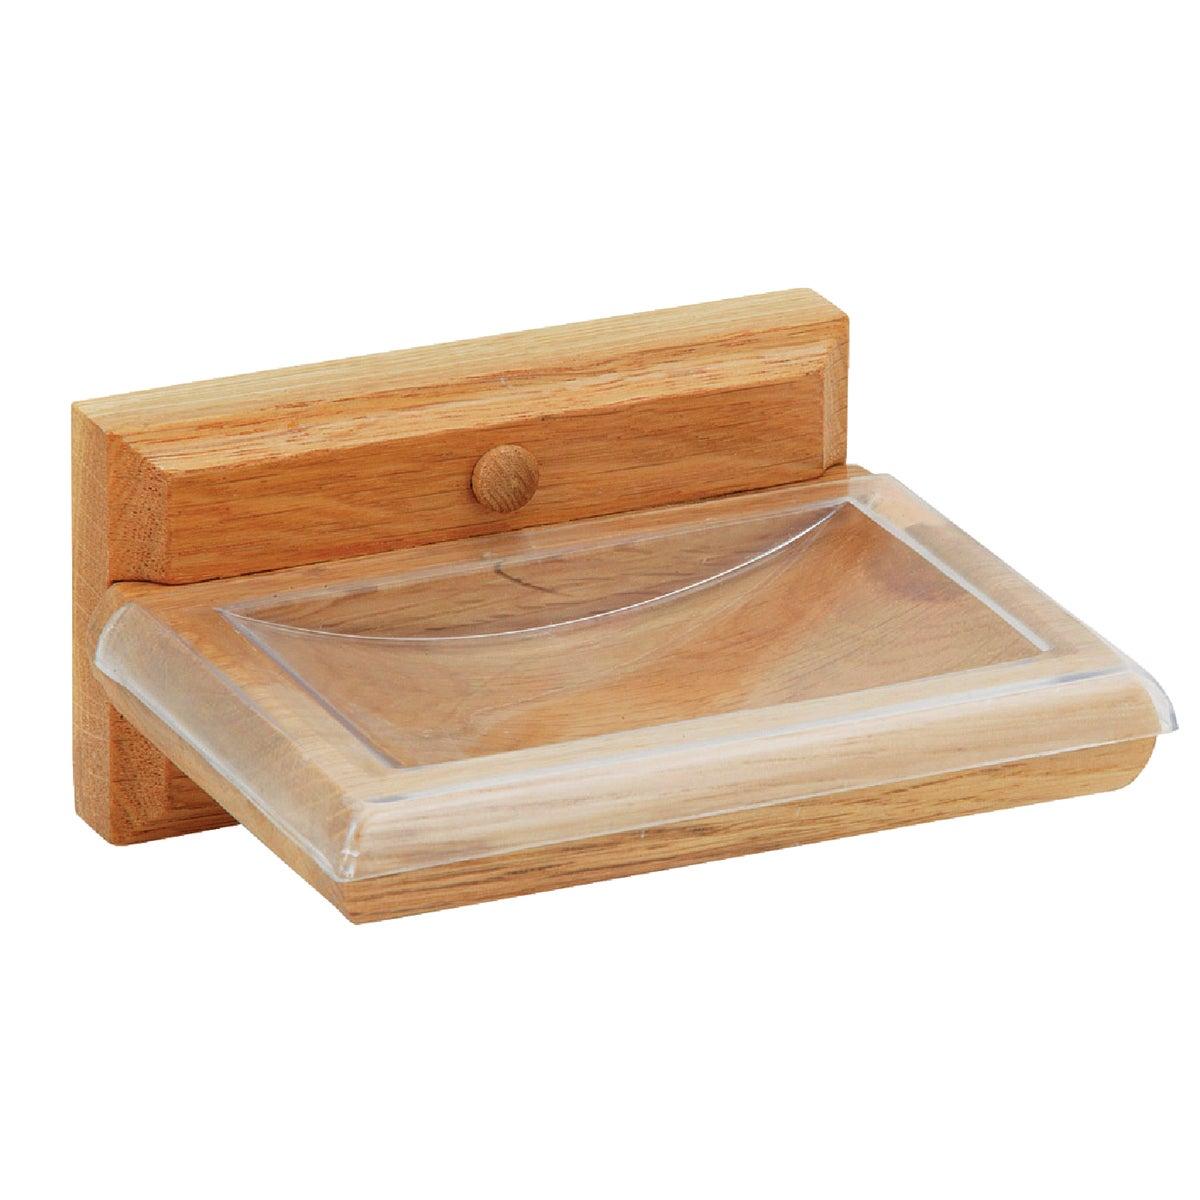 OAK SOAP DISH - B50101 by Do it Best Global Sourcing